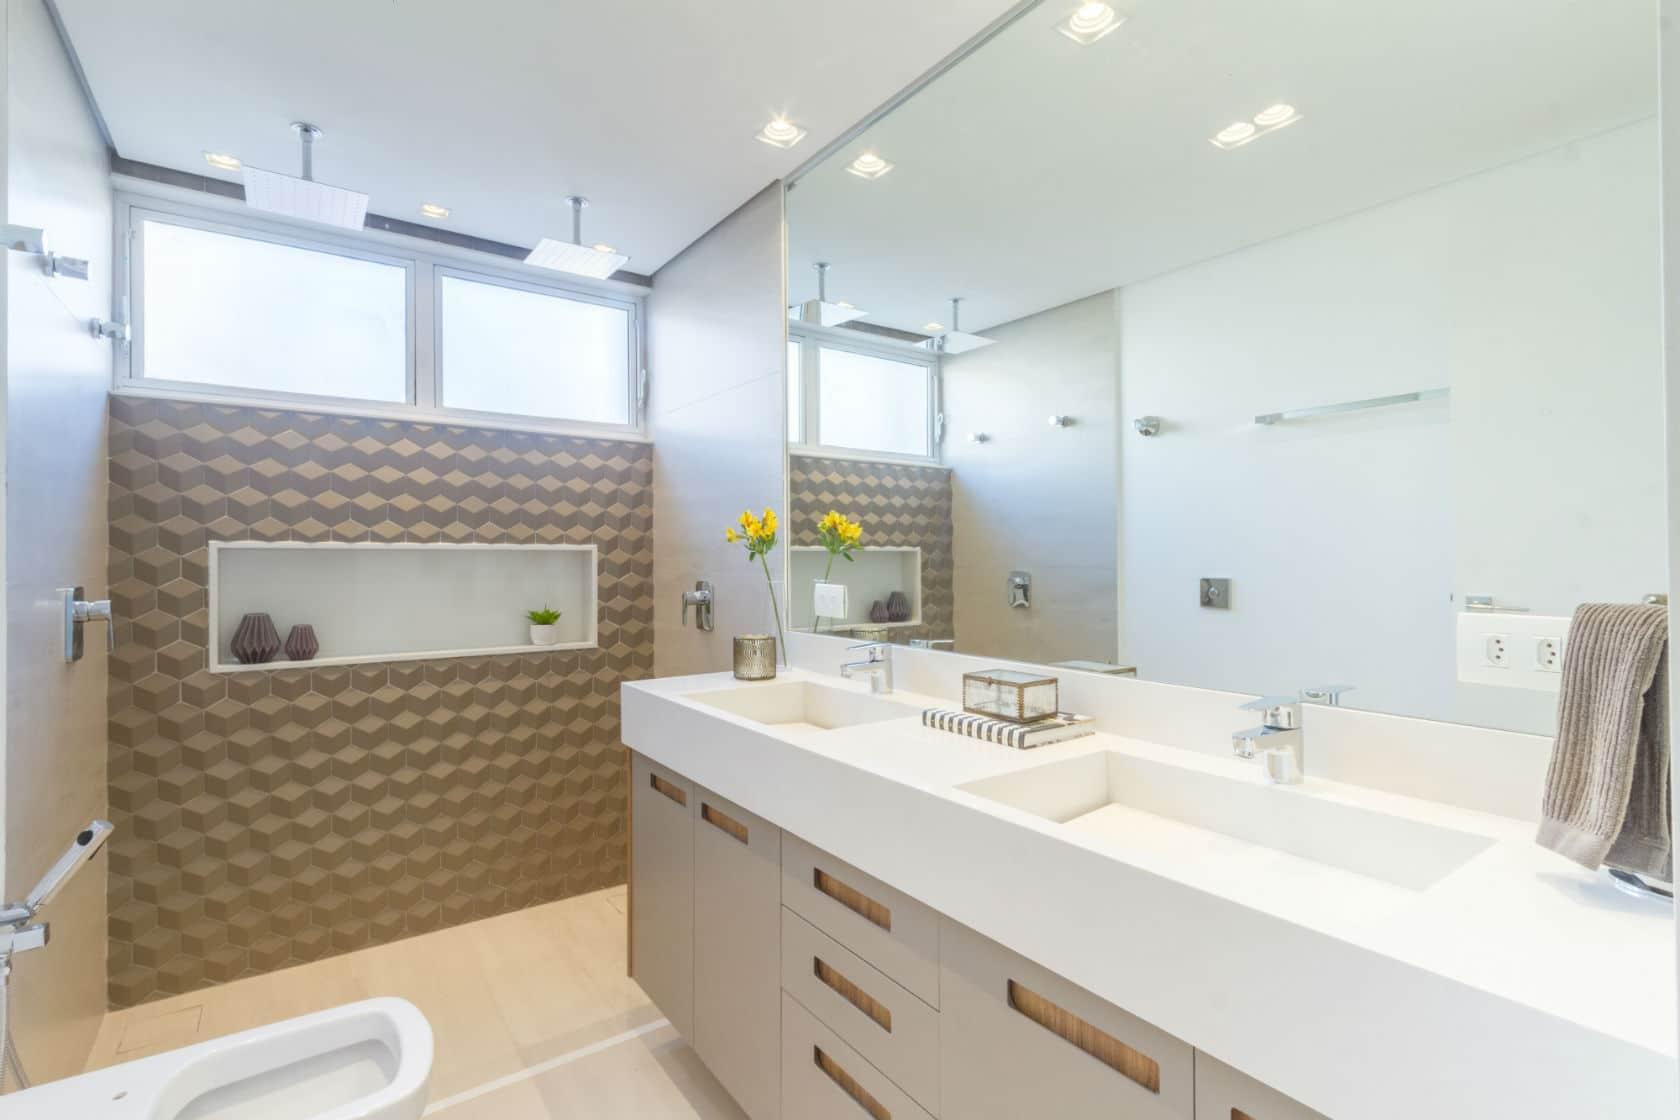 Antes & depois: confira a transformação deste banheiro reformado em apartamento no Jardim América